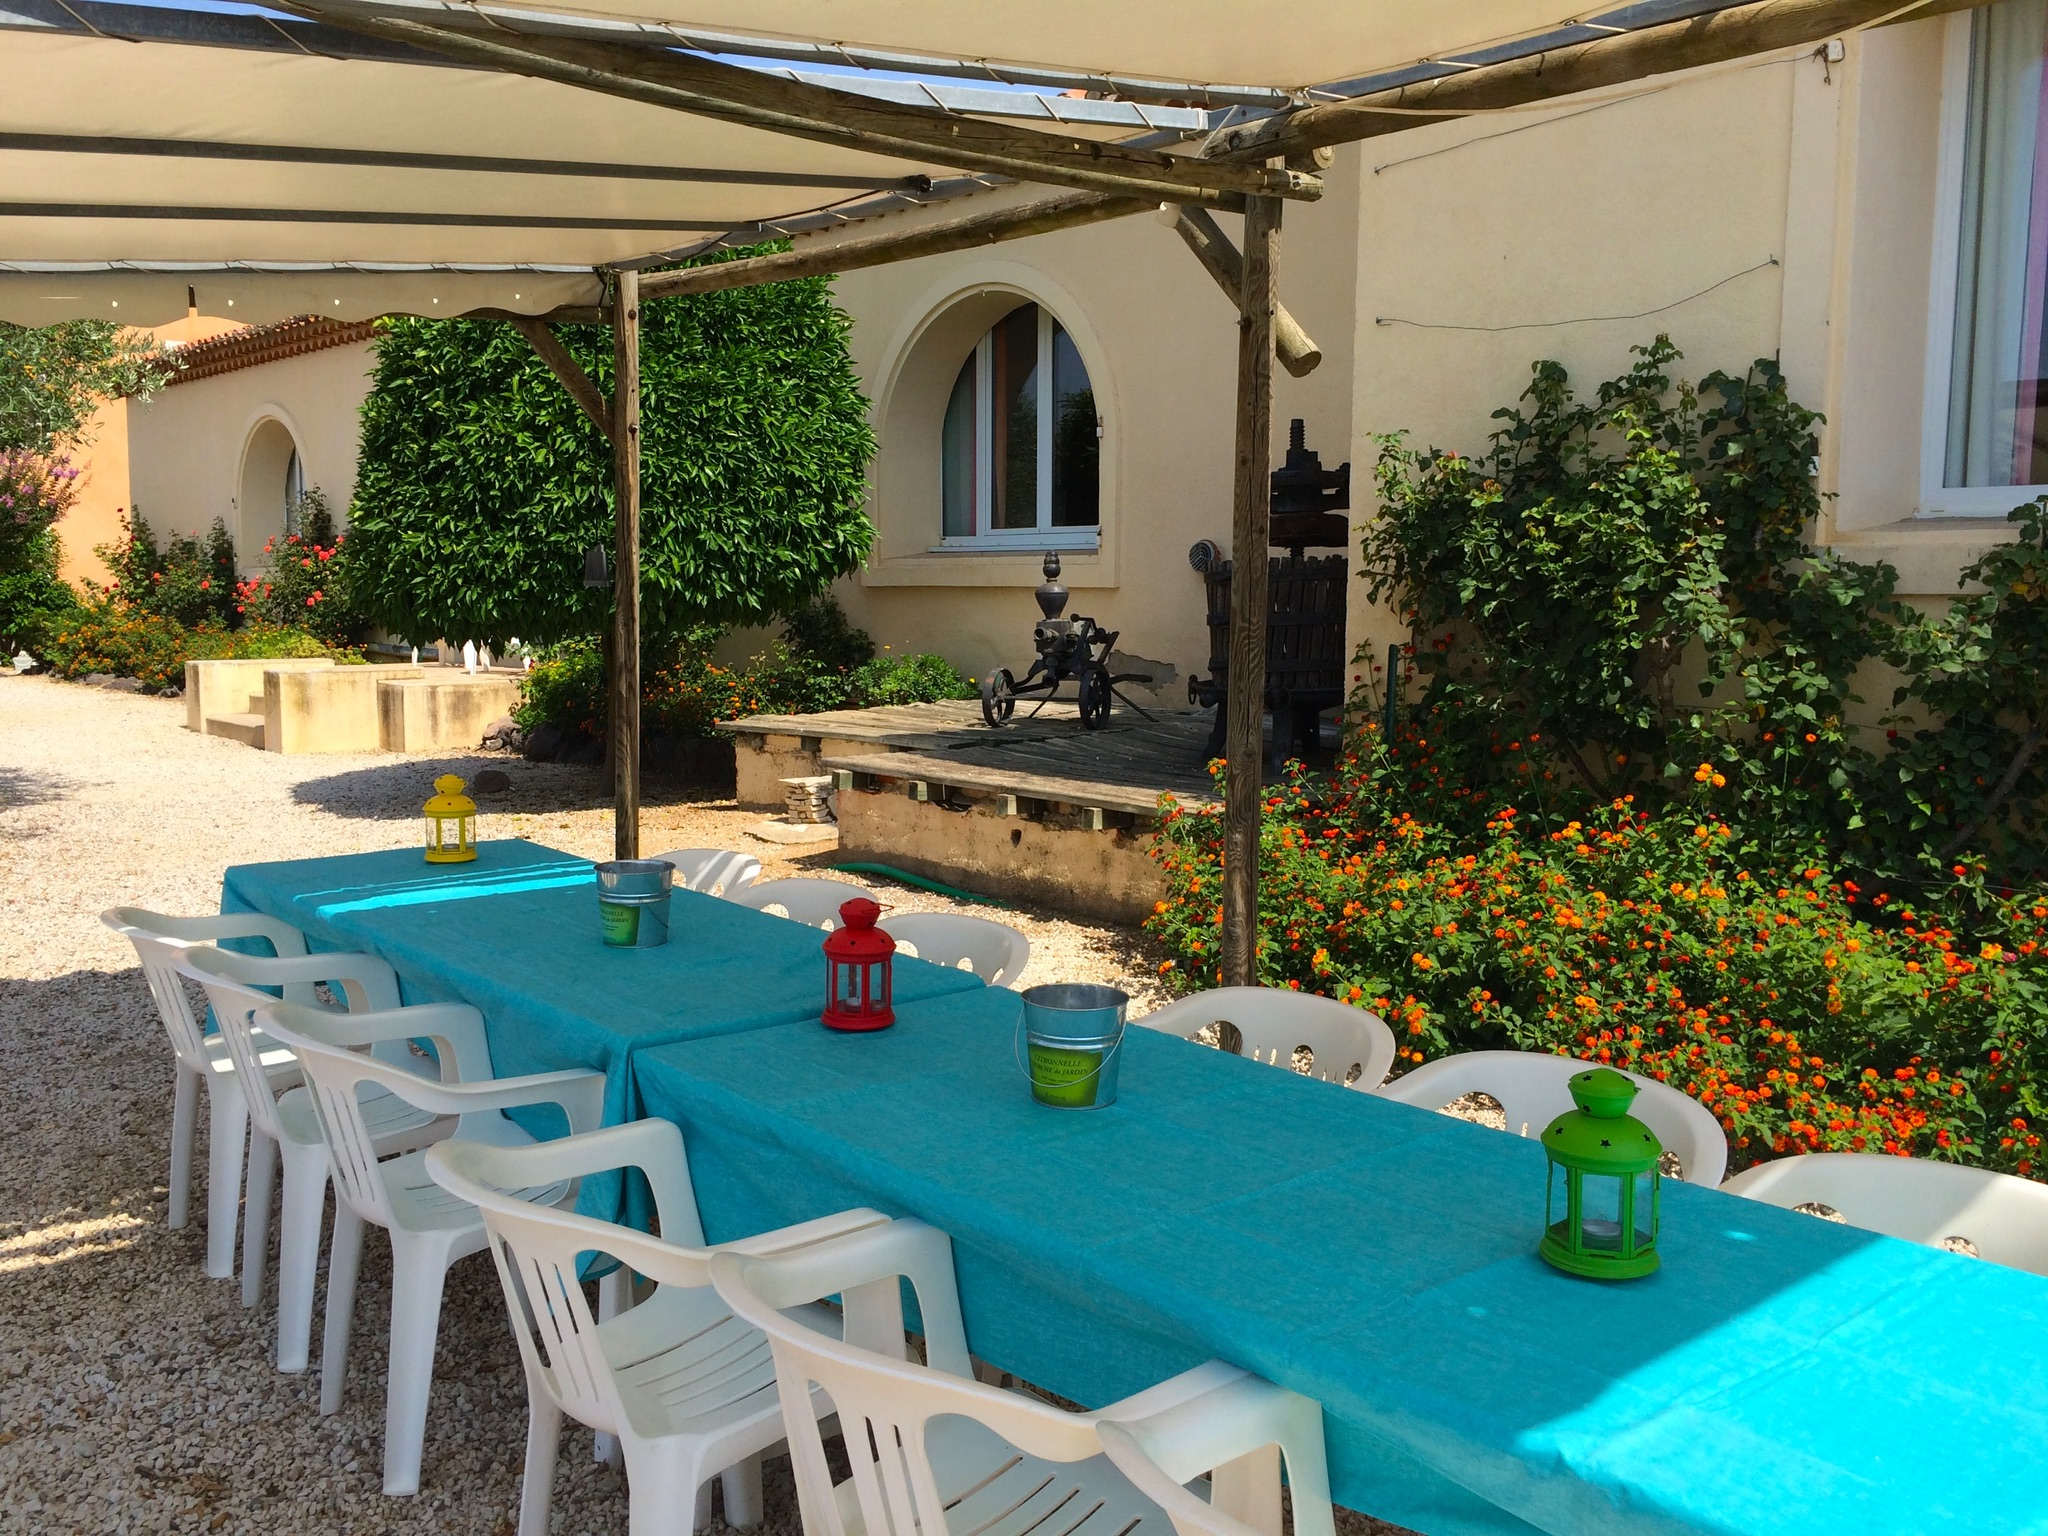 Ferienhaus Charaktervolles Haus in Hérault mit Pool und Garten (2201003), Portiragnes, Mittelmeerküste Hérault, Languedoc-Roussillon, Frankreich, Bild 24